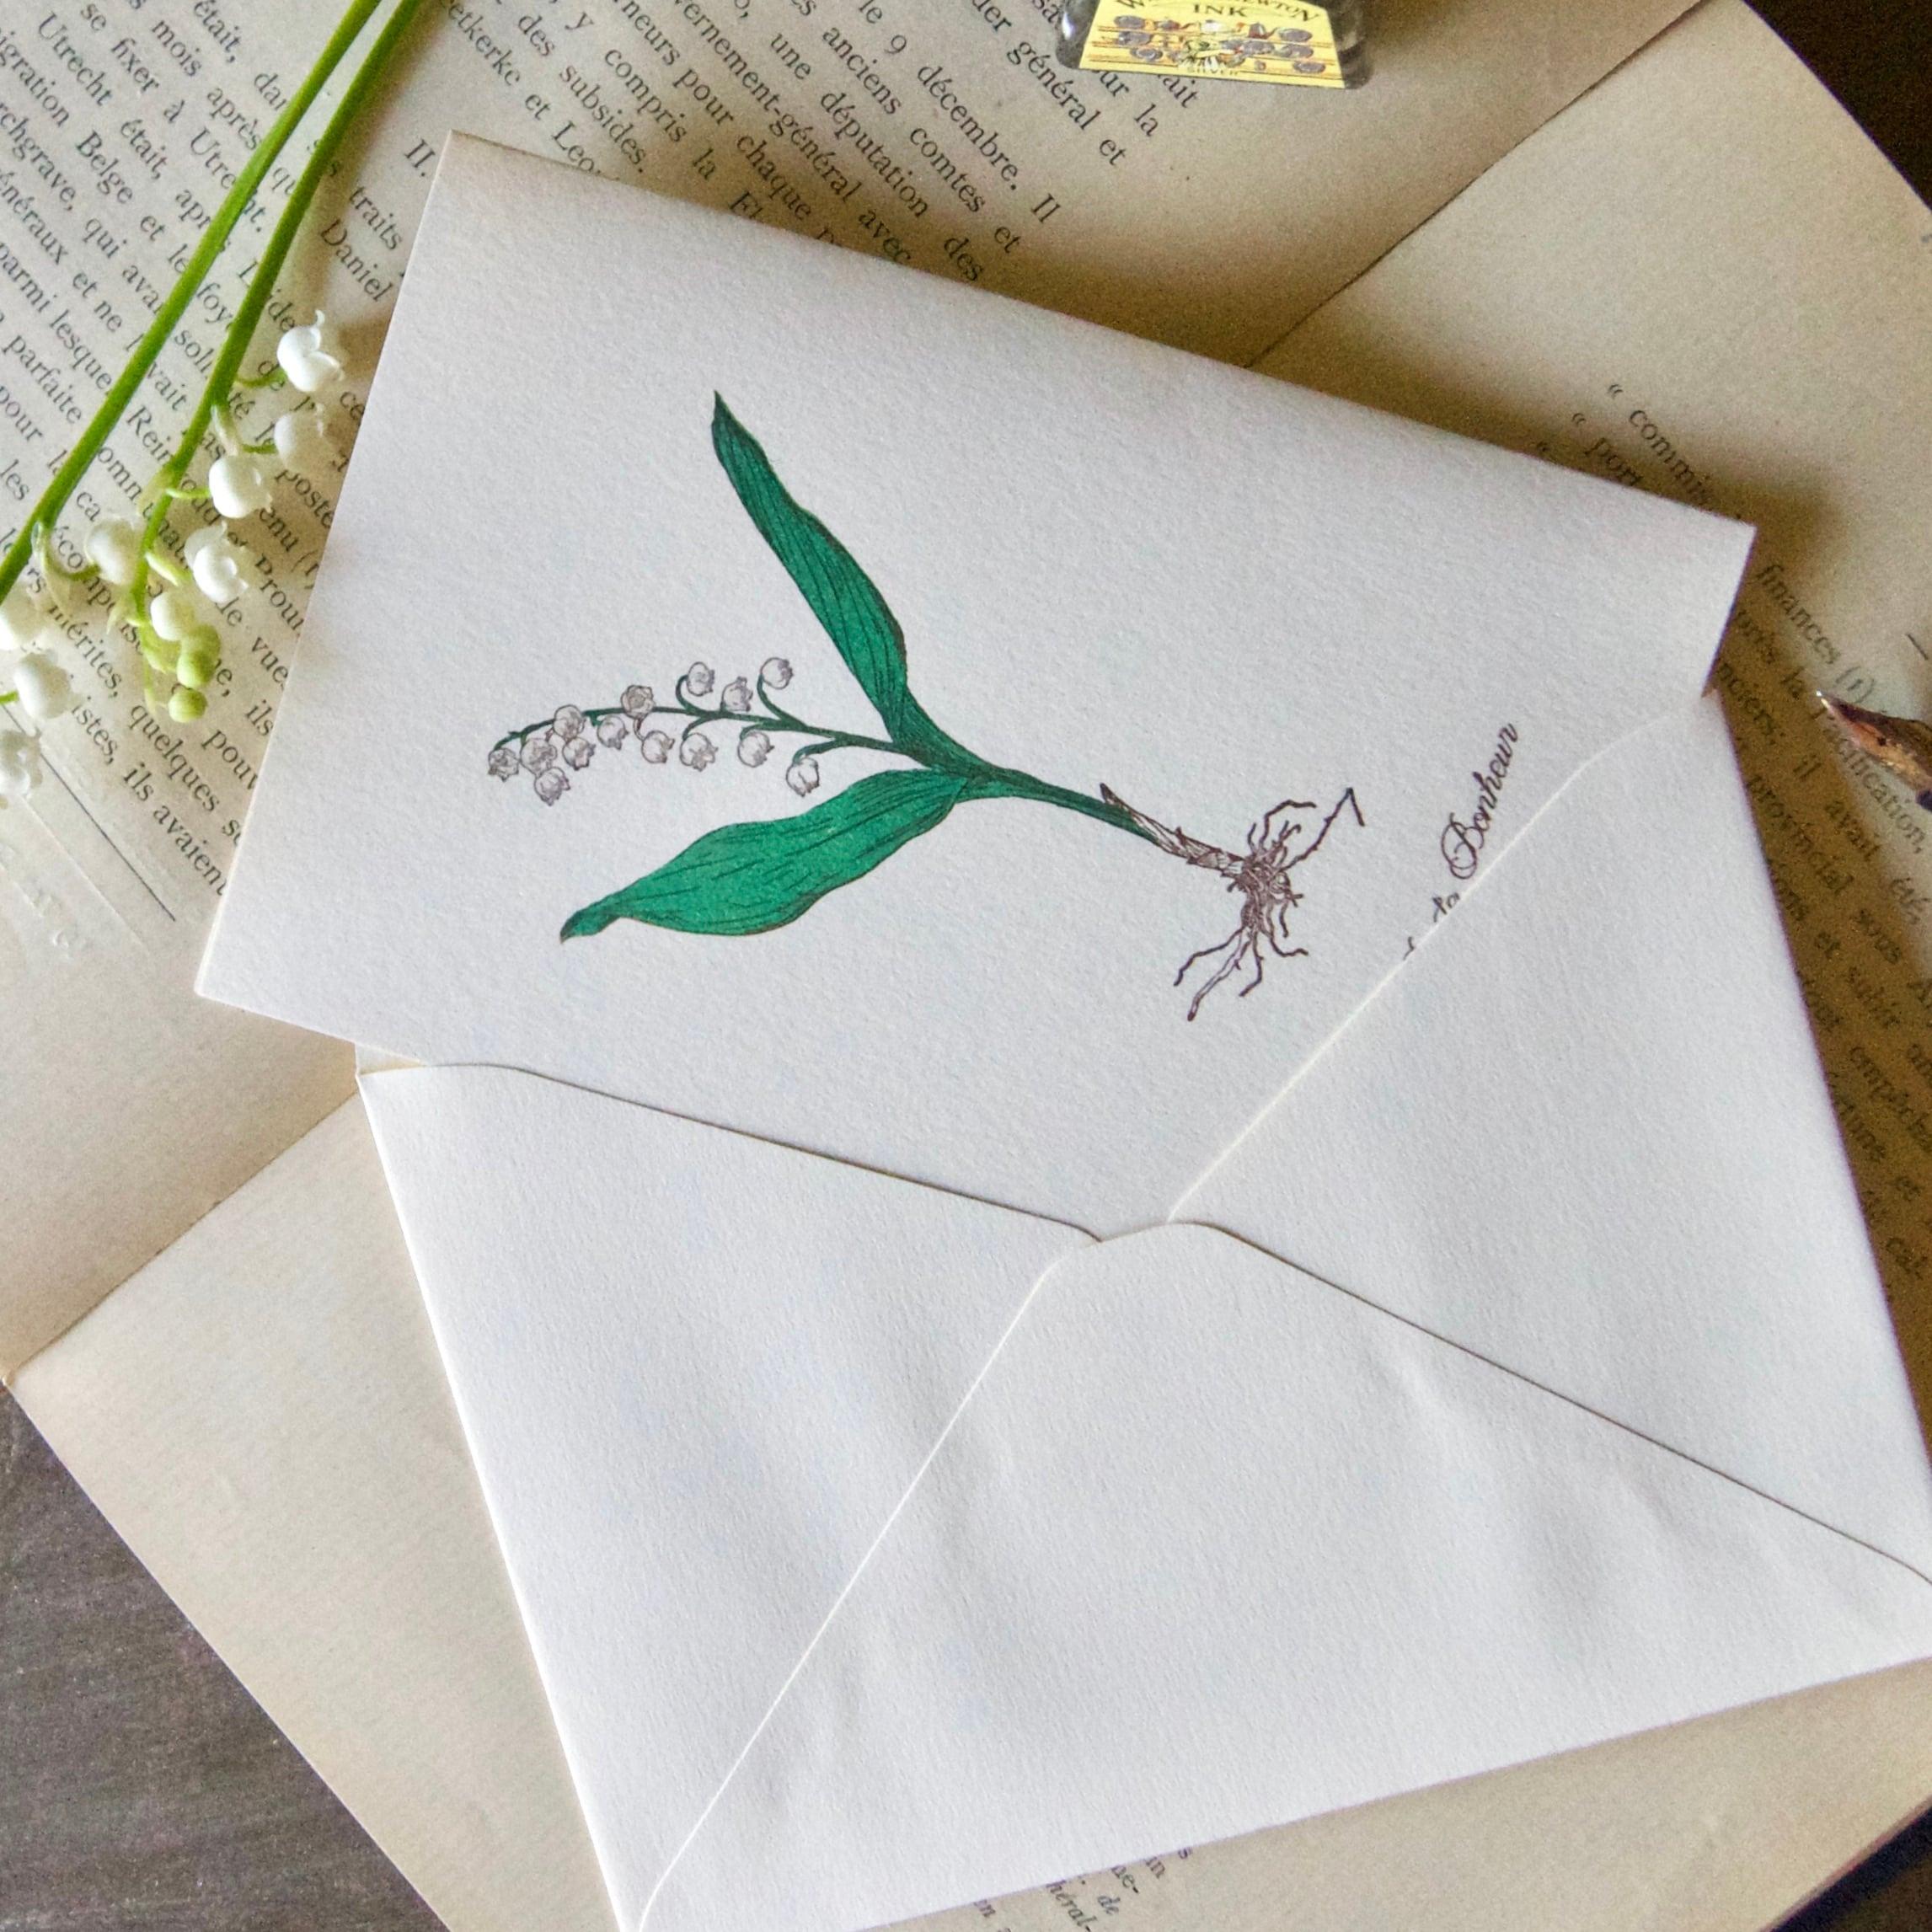 【カード 大】スズラン / カード1枚+封筒1枚/活版印刷